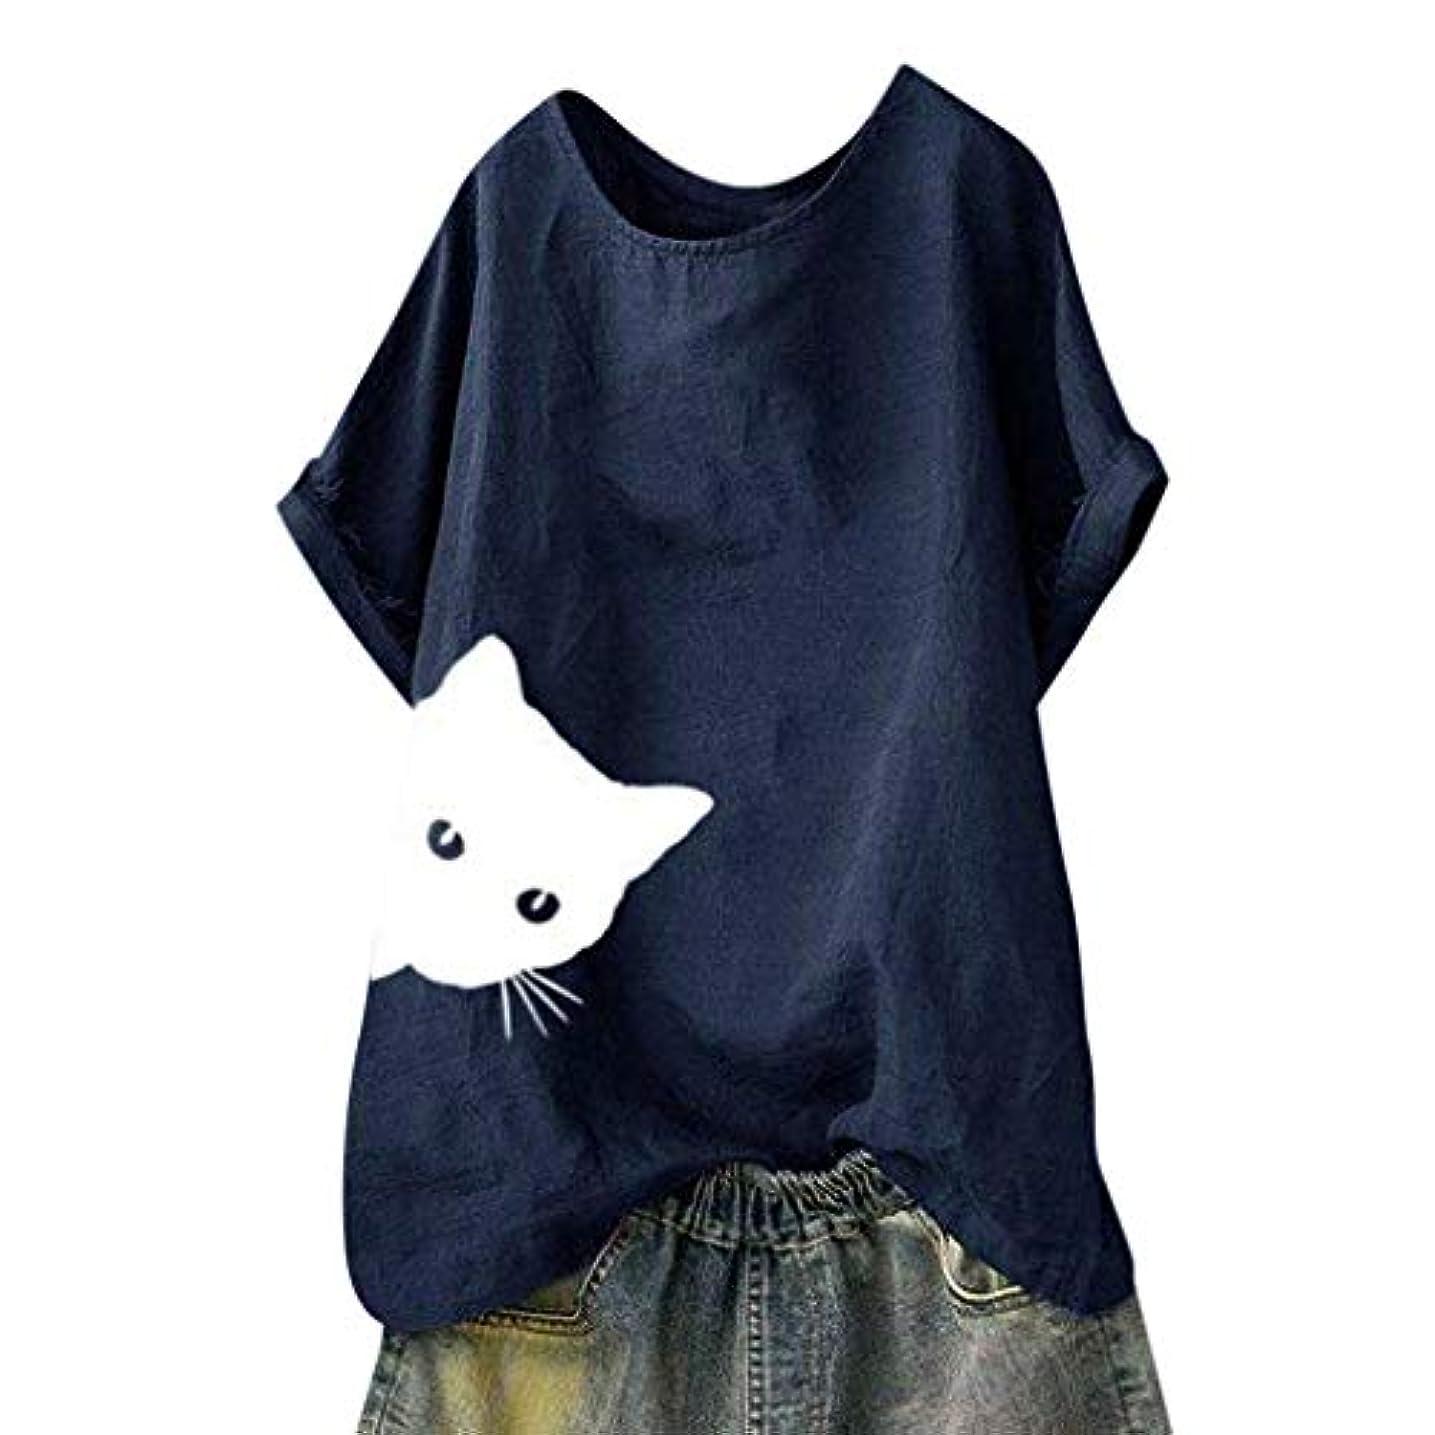 気難しい航空会社ナンセンスメンズ Tシャツ 可愛い ねこ柄 白t ストライプ模様 春夏秋 若者 気質 おしゃれ 夏服 多選択 猫模様 カジュアル 半袖 面白い 動物 ゆったり シンプル トップス 通勤 旅行 アウトドア tシャツ 人気